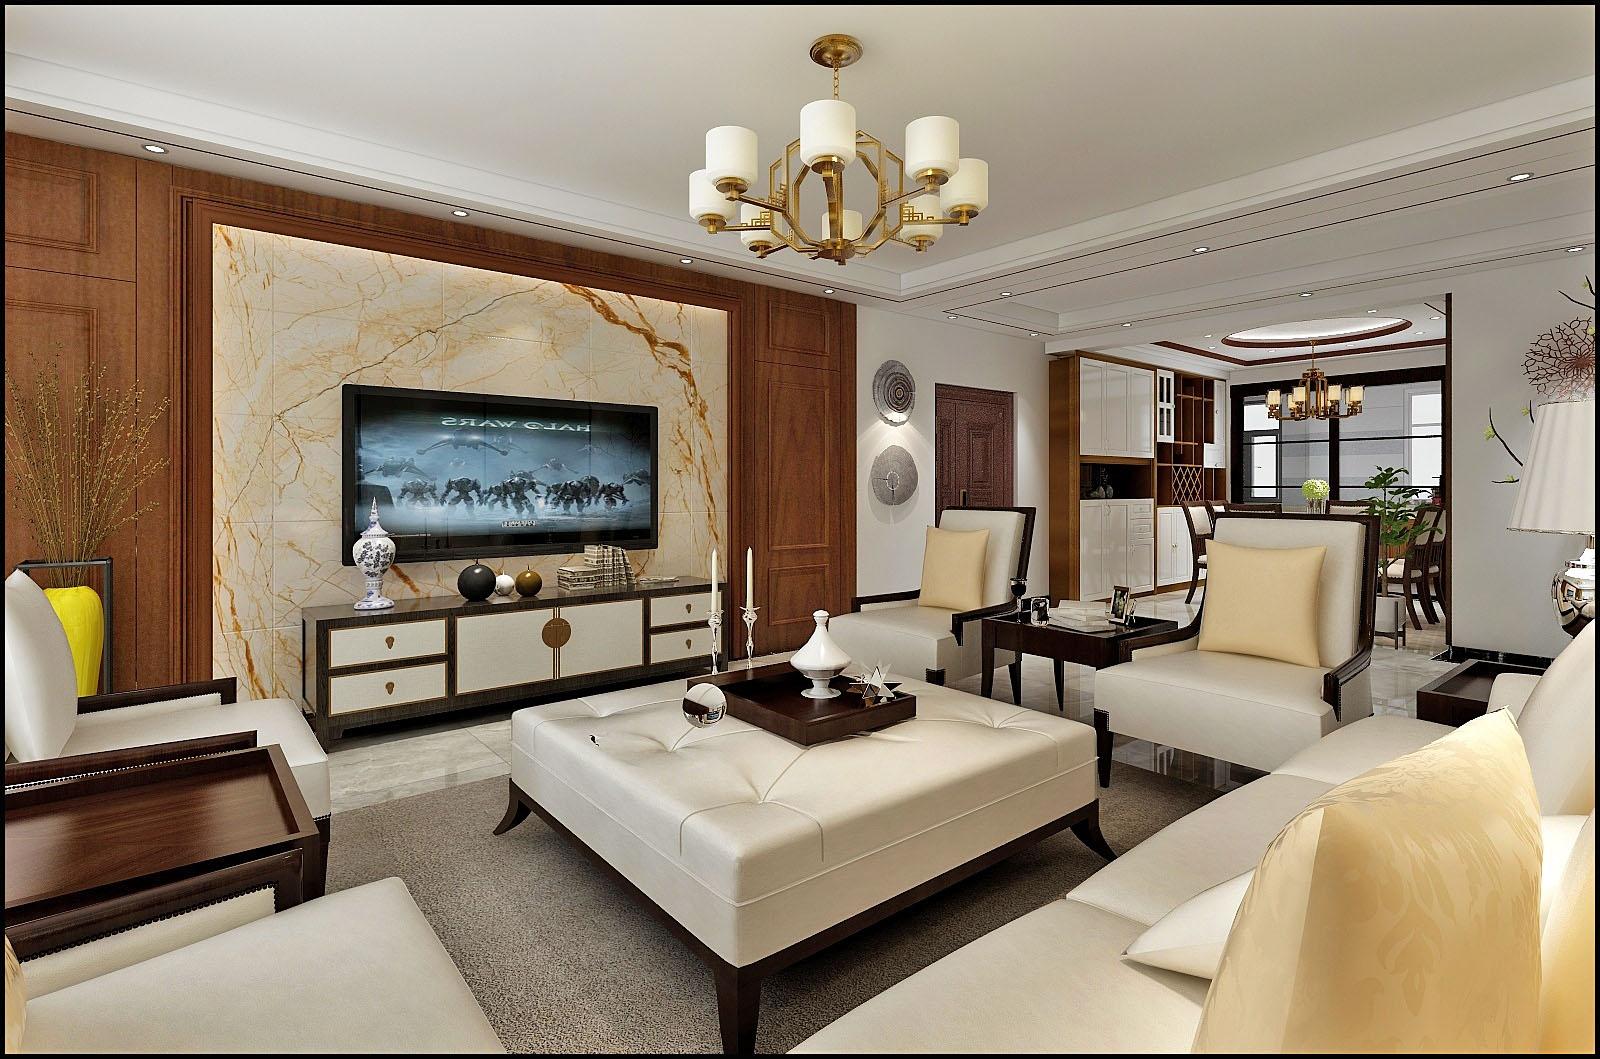 张家口装修案例凤凰城-中式风格